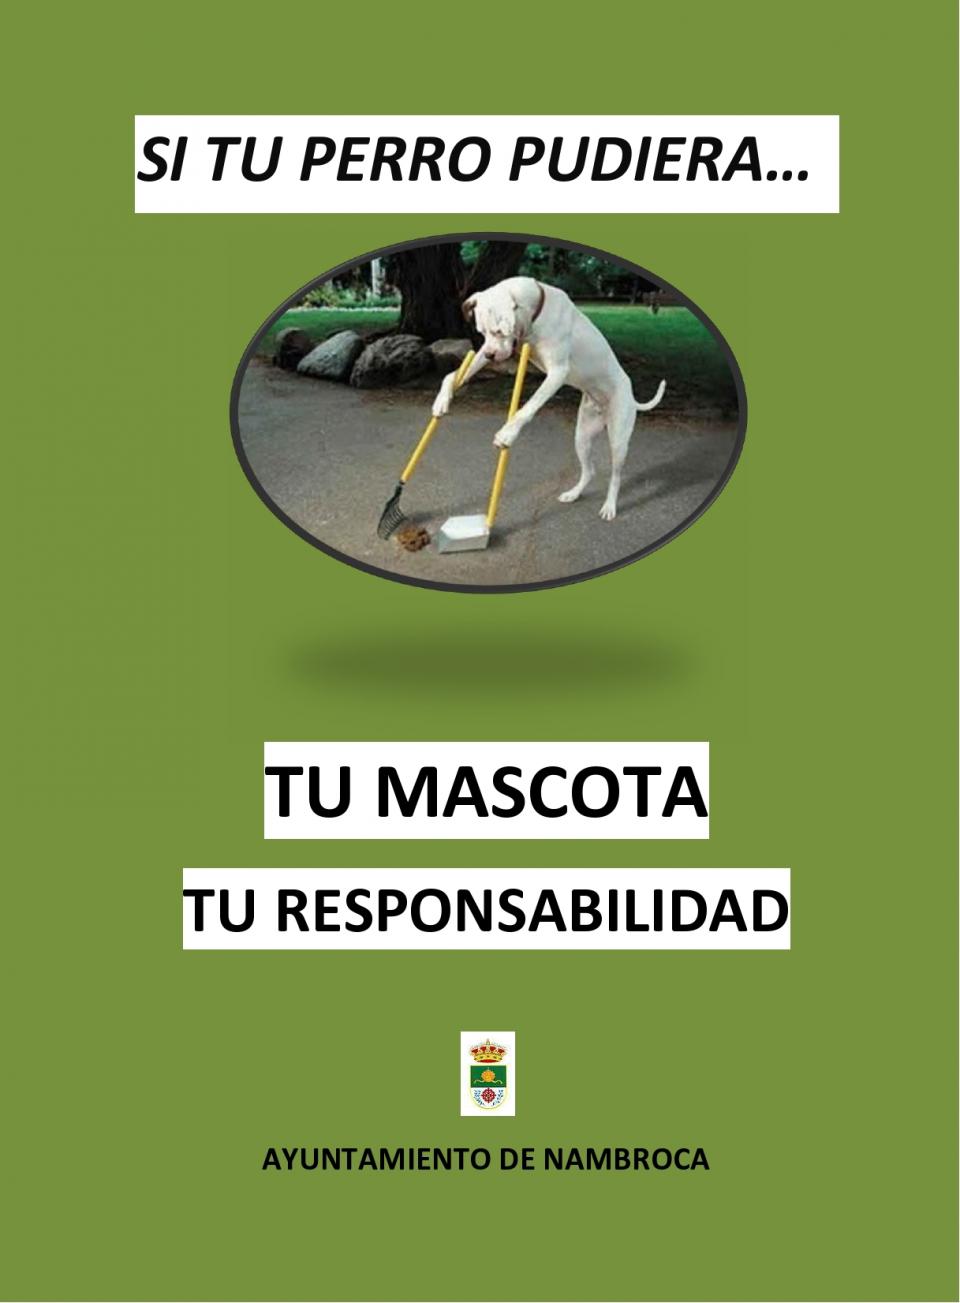 El ayuntamiento solicita responsabilidad a los dueños de mascotas